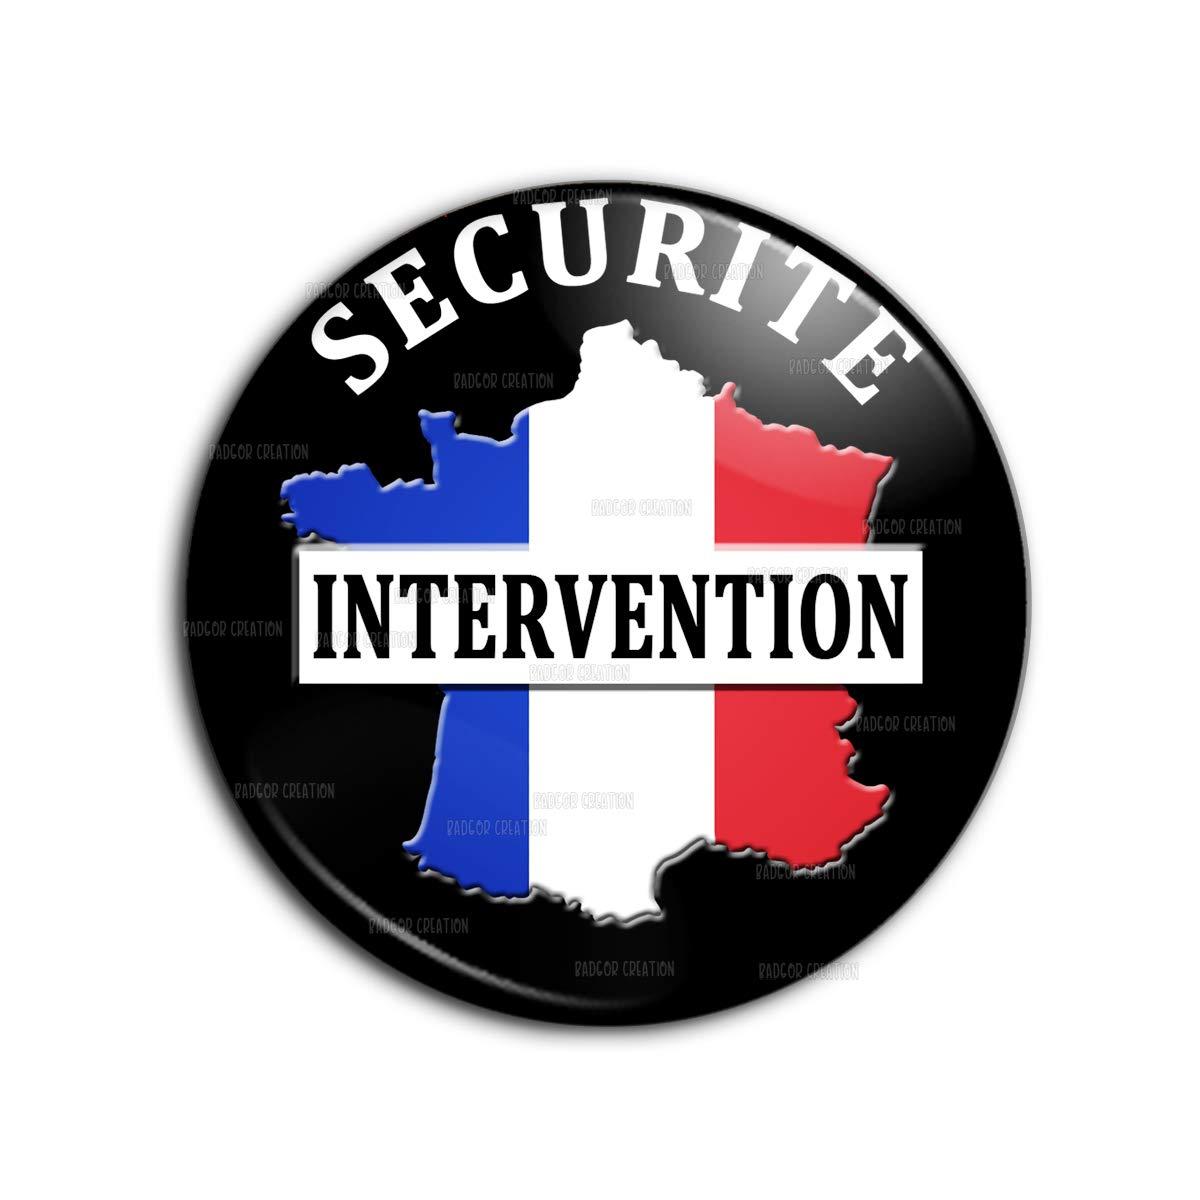 Reloadshop Porte-Cl/és Cuir Jeton Caddie Ecusson S/écurit/é Intervention France Tricolore Agent de S/écurit/é Vigile